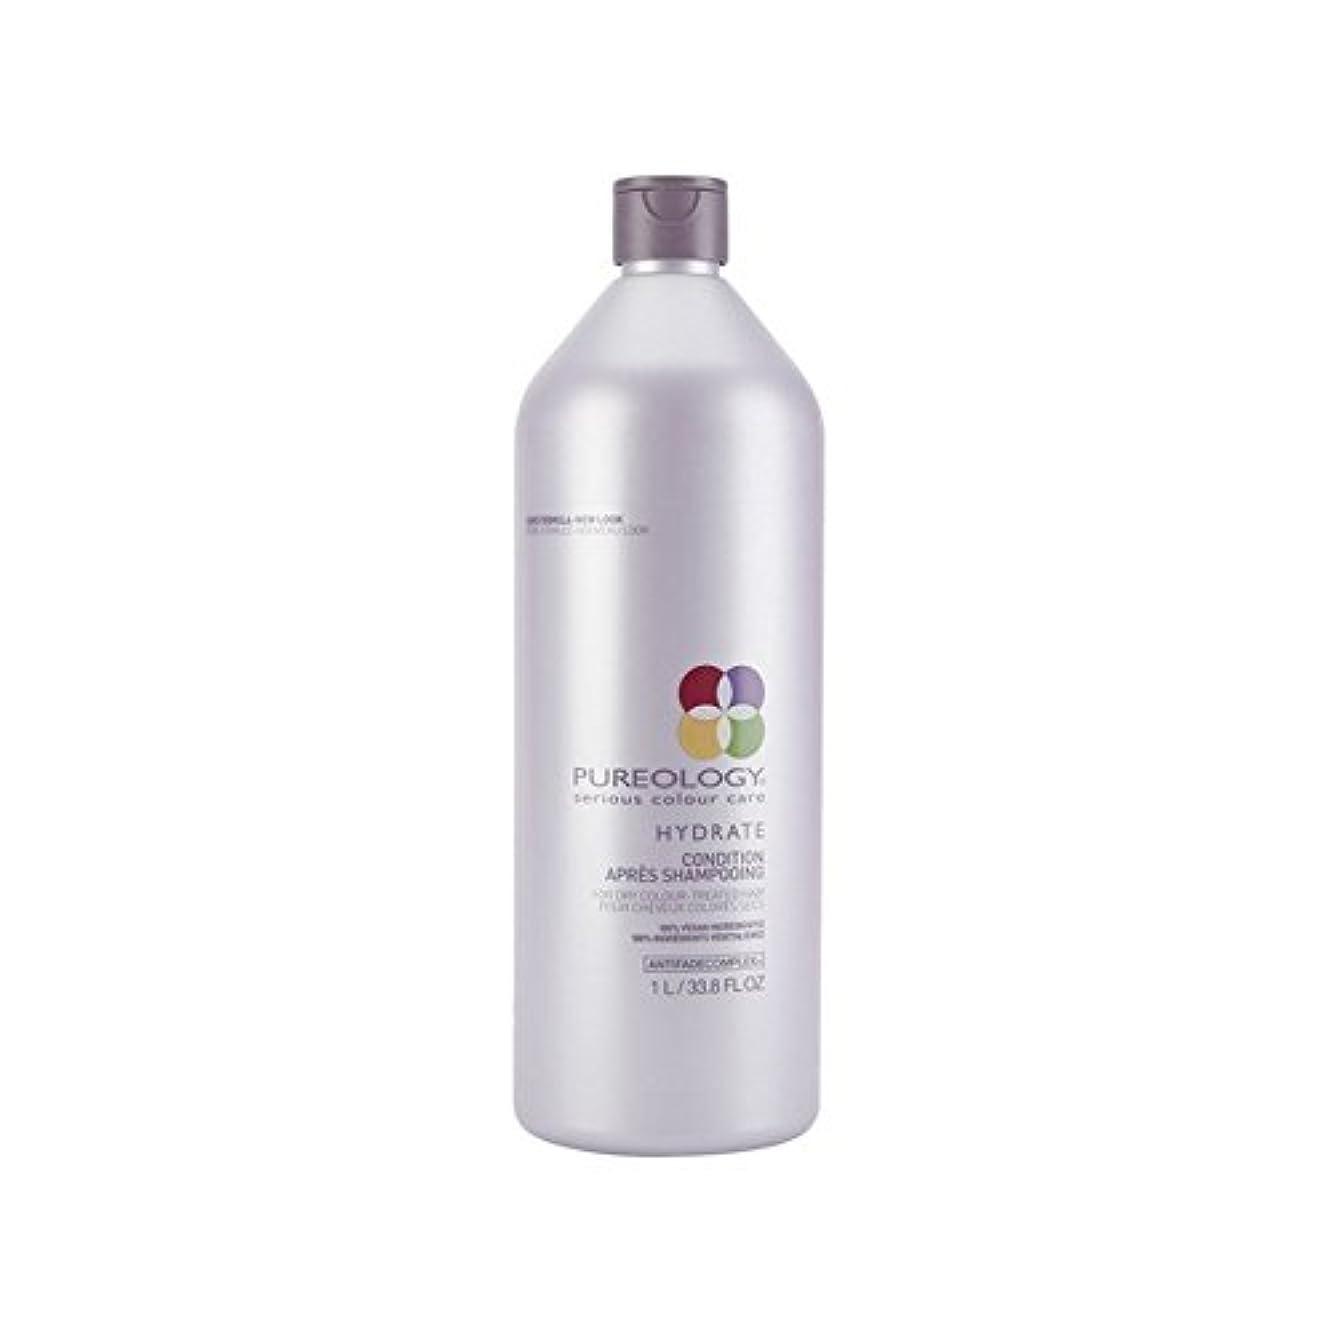 権限新しい意味の頭の上Pureology Pure Hydrate Conditioner (1000ml) (Pack of 6) - 純粋な水和物コンディショナー(千ミリリットル) x6 [並行輸入品]